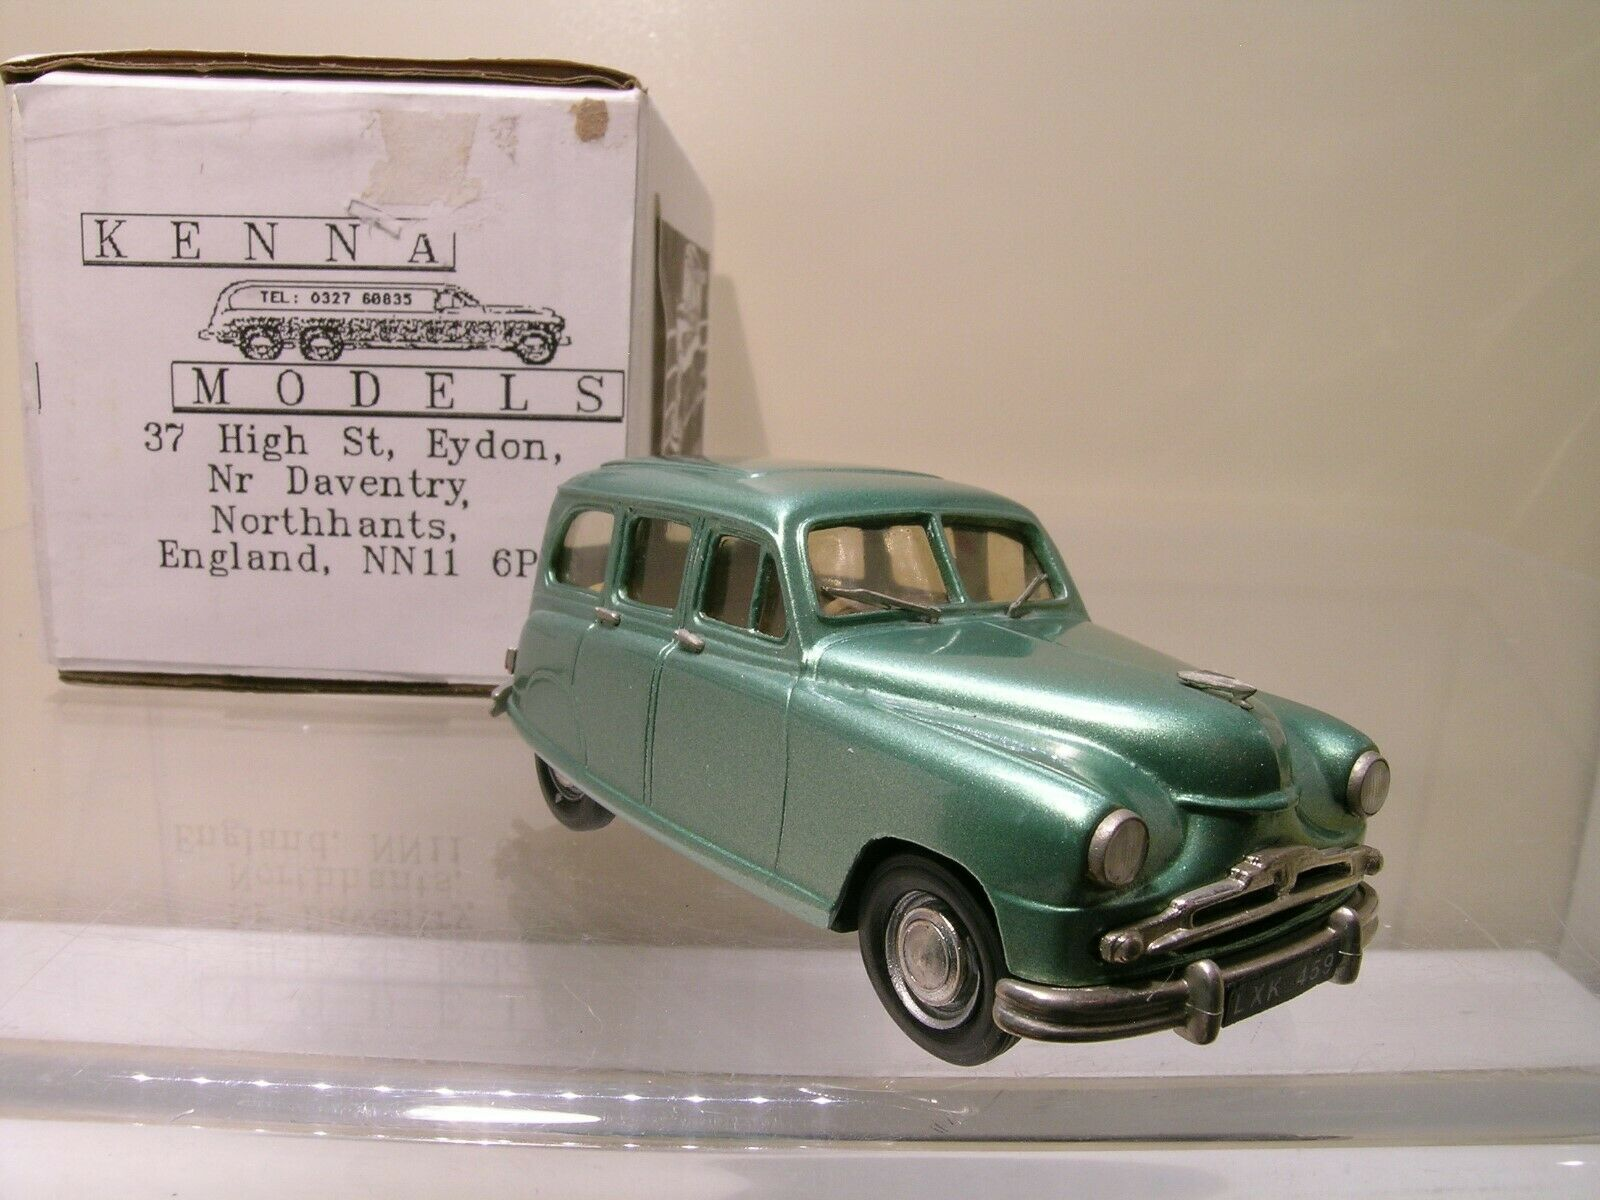 KENNA modelloS STeARD VANGUARD ESTATE PHASE 2  METtuttiIC verde 1953  scatola 1 43